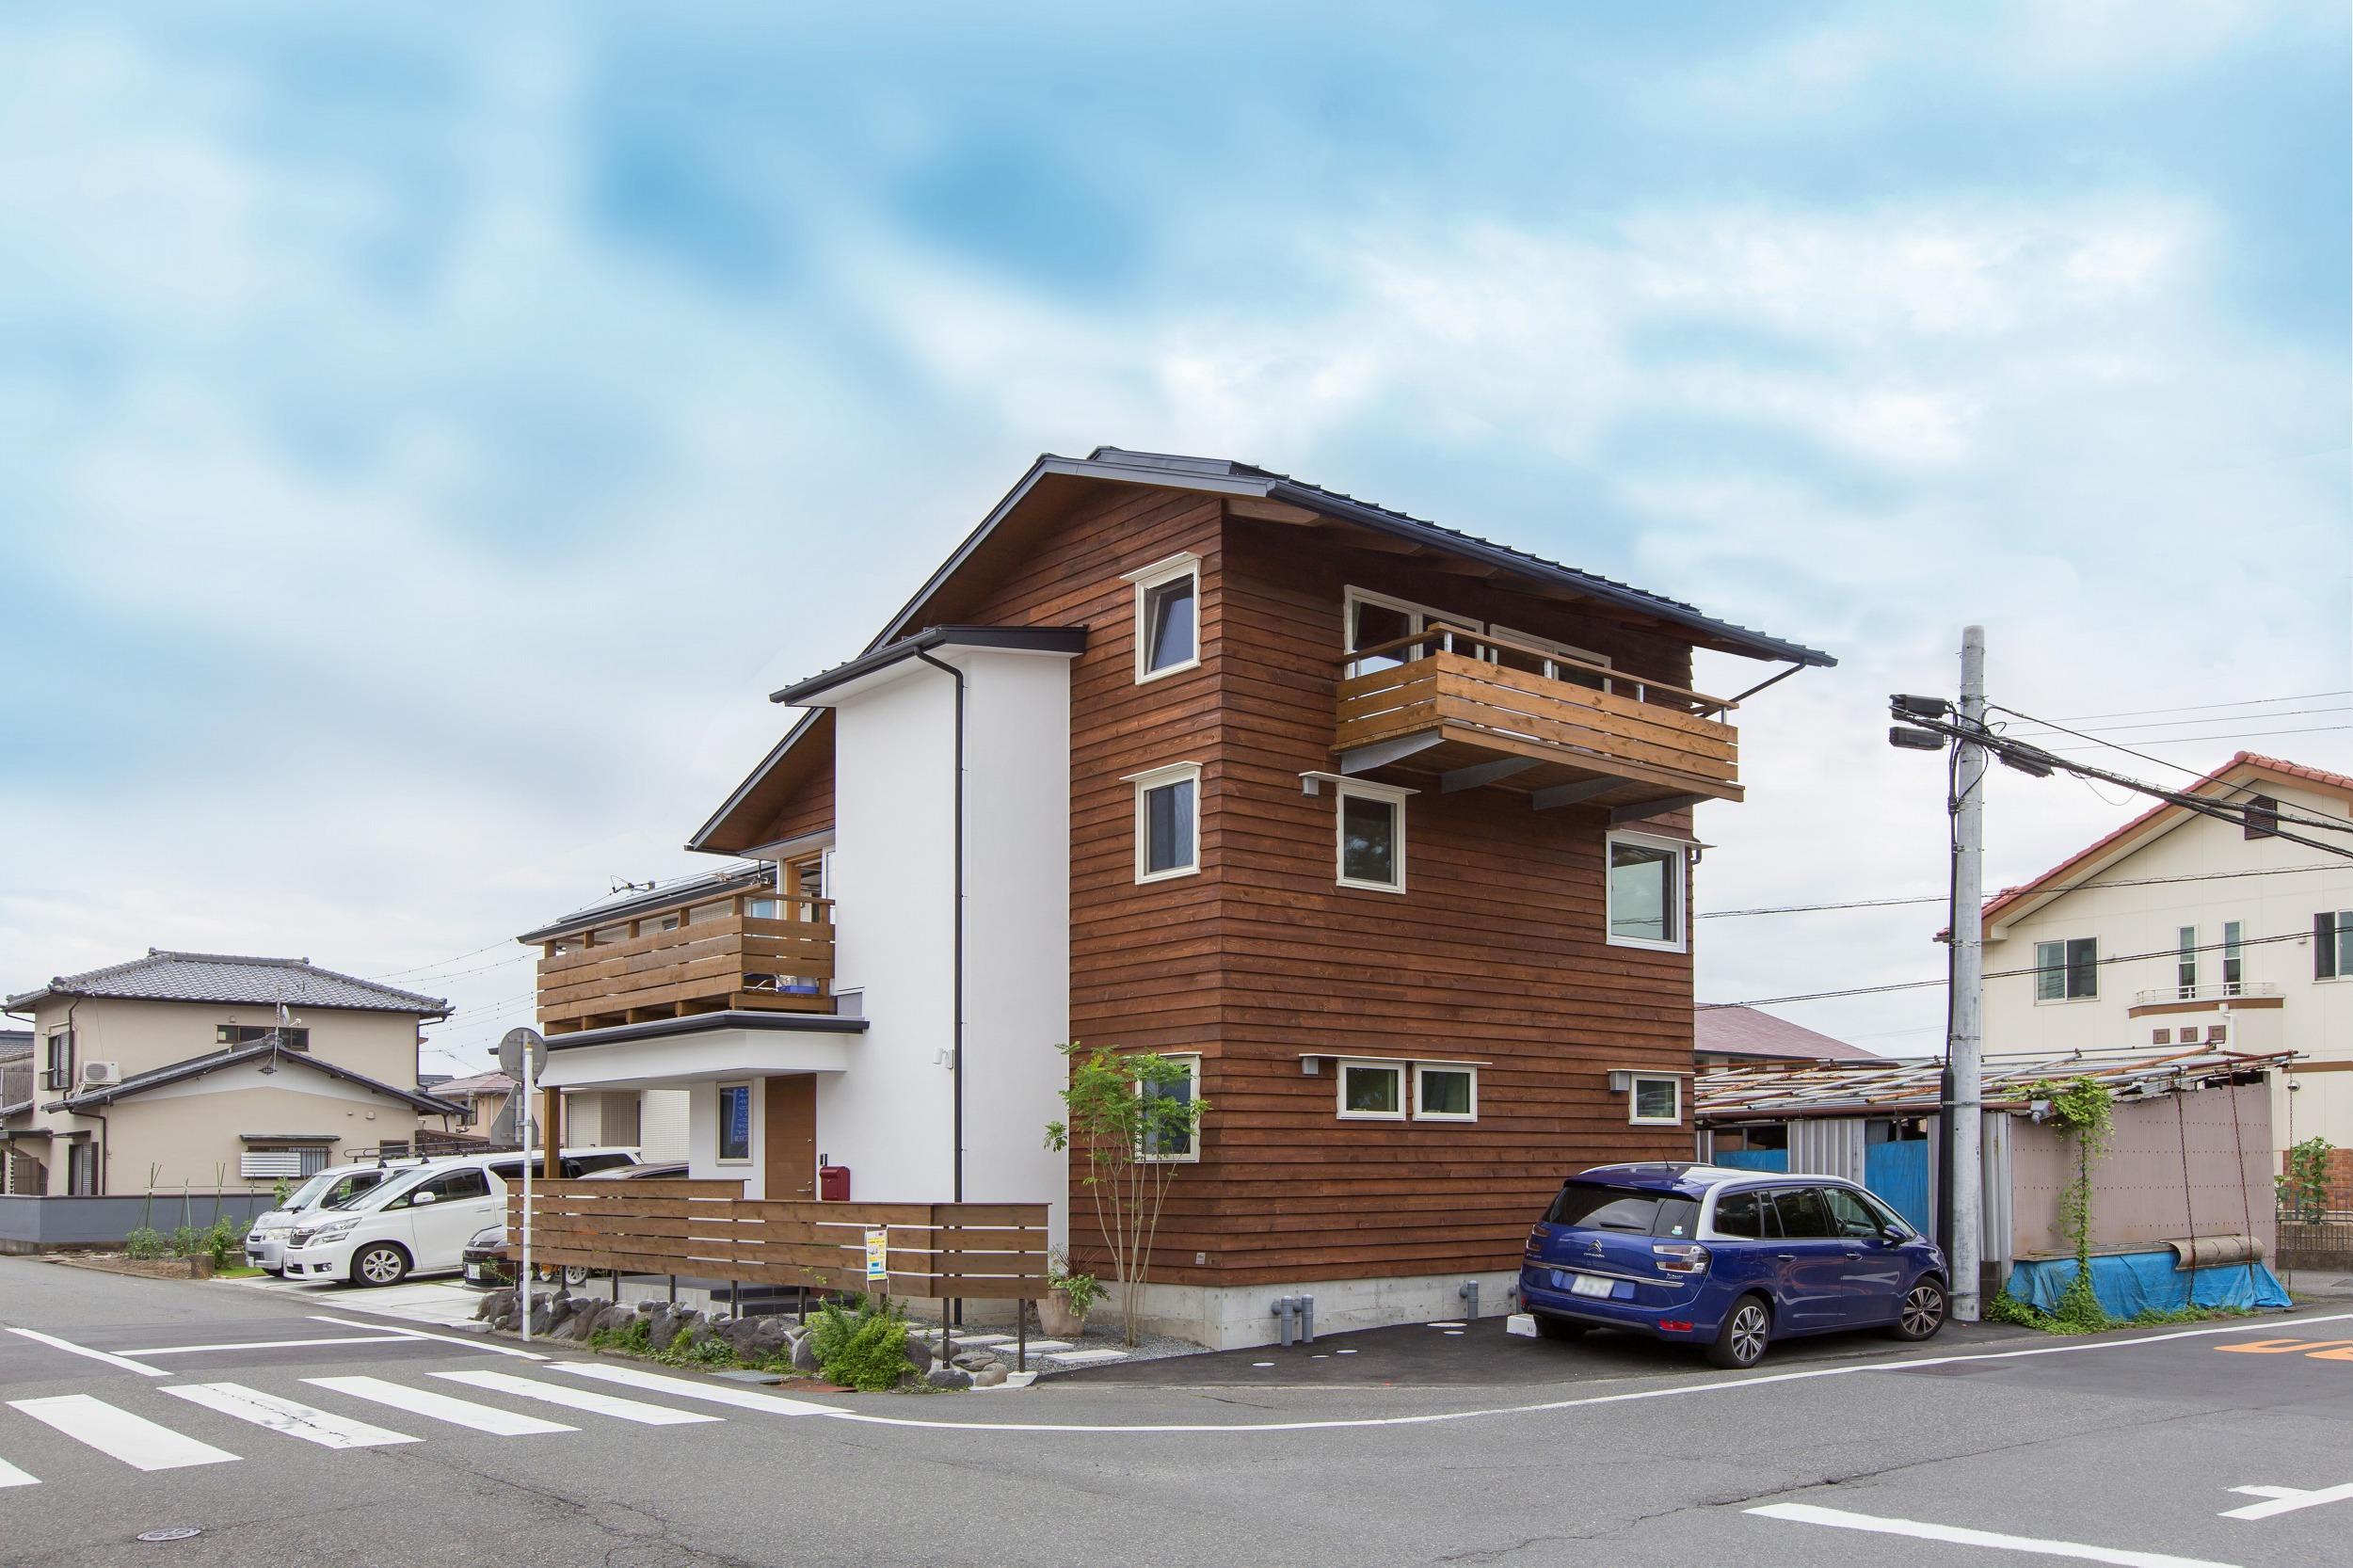 市街地の交差点に建つ木と漆喰の自然素材の家。地域のランドマークとなってゆくだろう…。